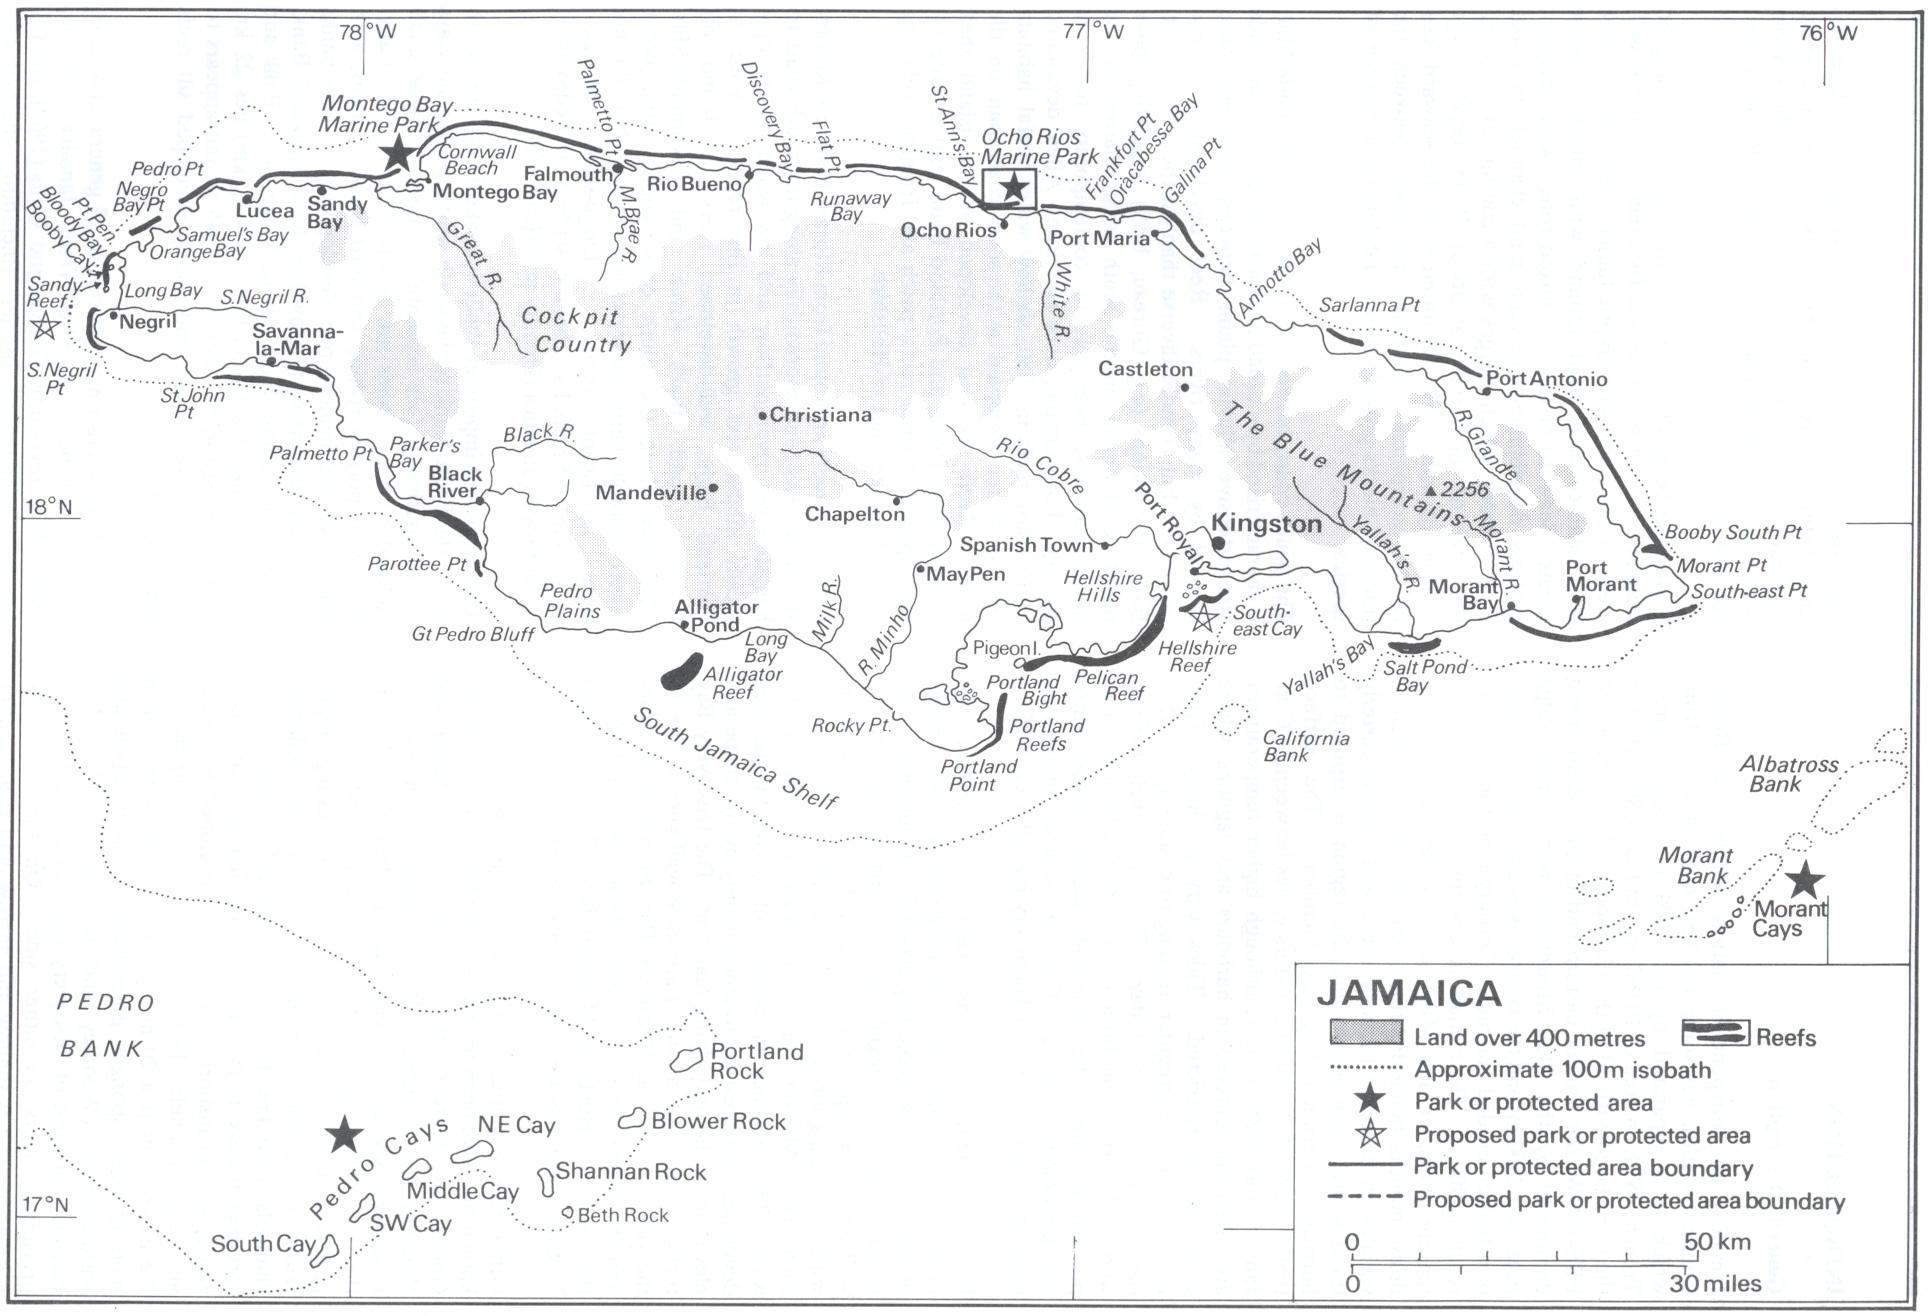 ジャマイカ島沿海の珊瑚礁を図示した地図